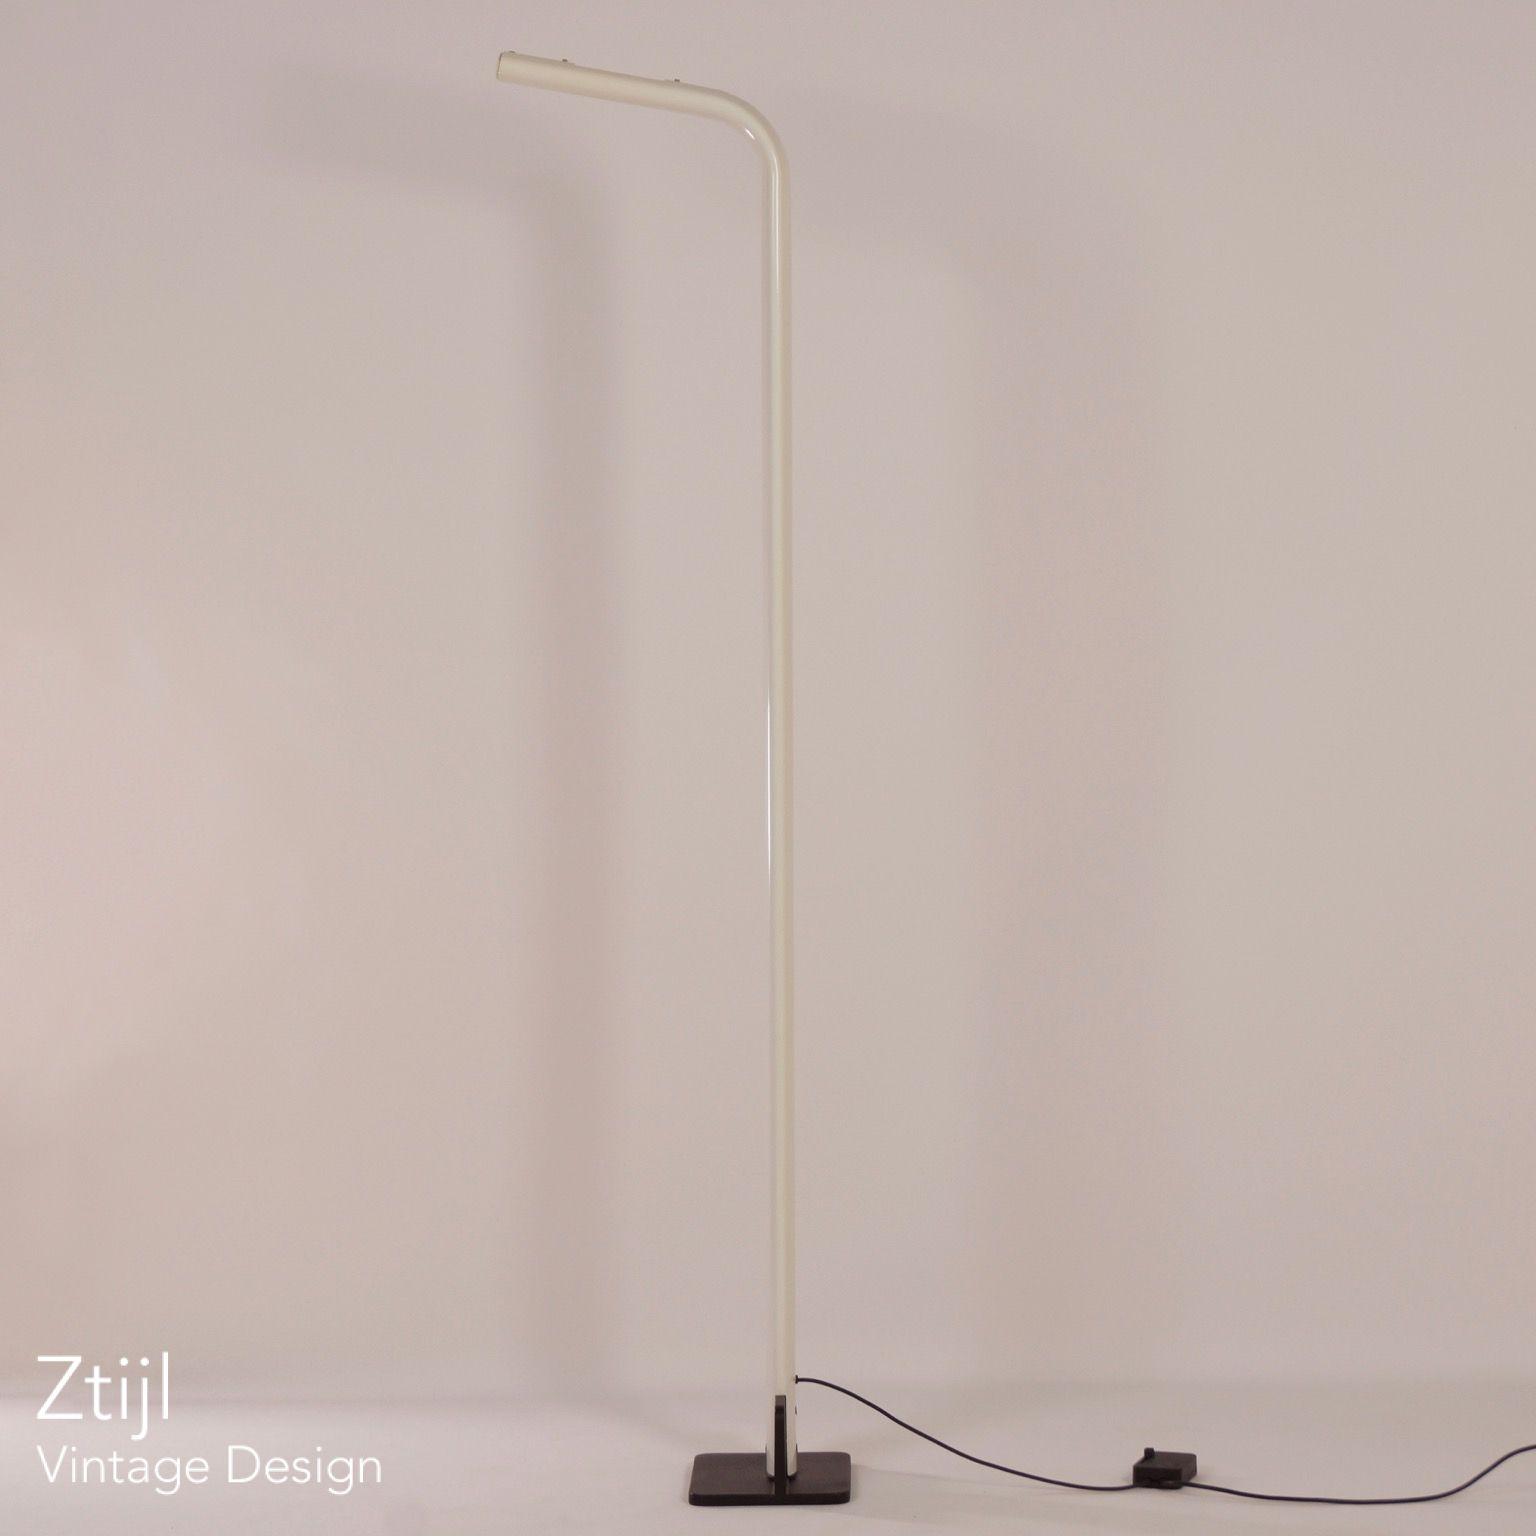 White Italian Uplighter Floor Lamp, 1980s - Vintage Design